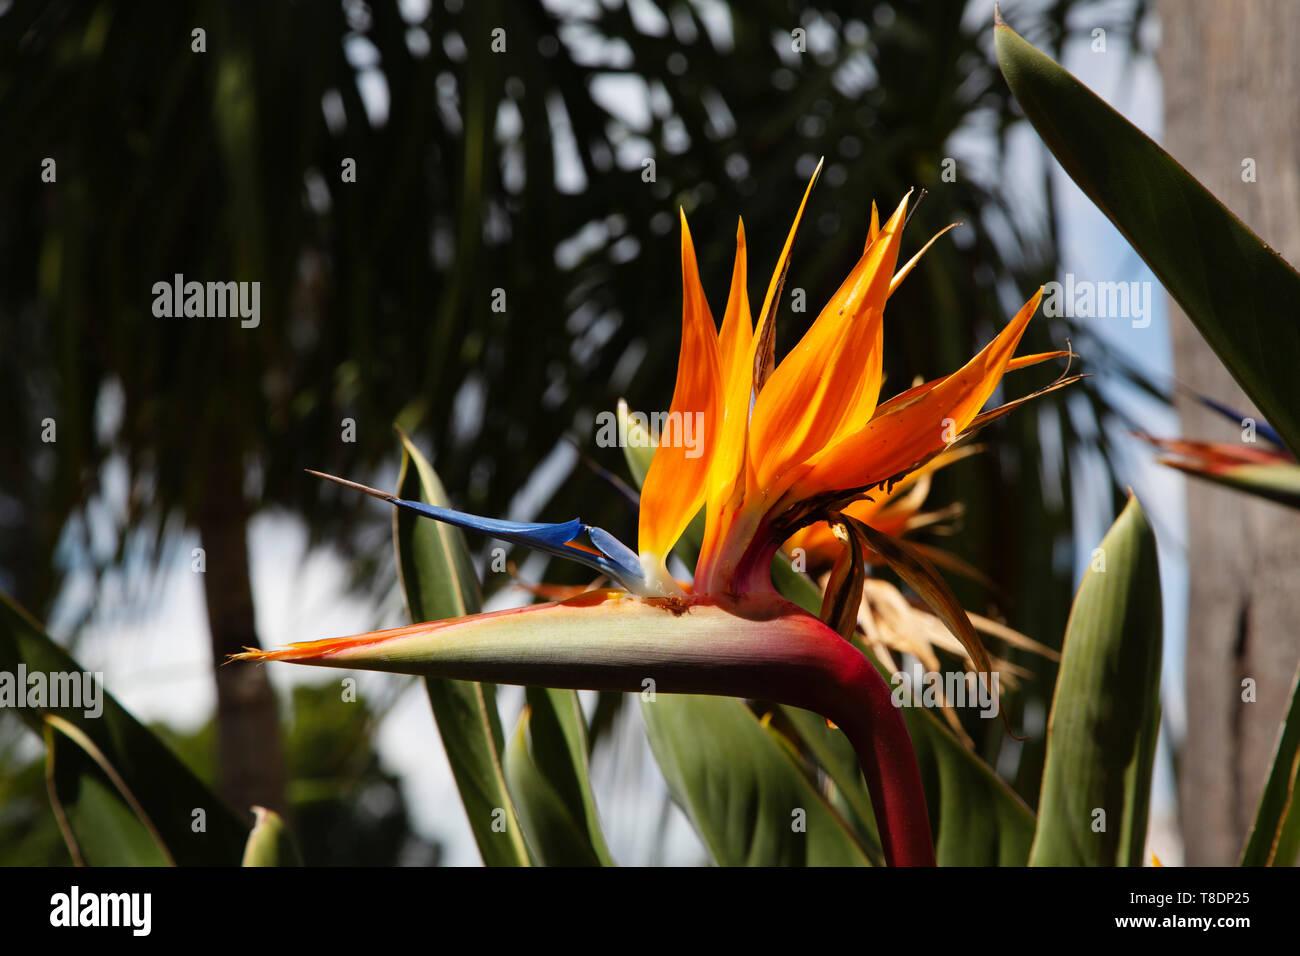 Bird of paradise flower in einem Garten. Strelitzia reginae. Provinz Malaga an der Costa del Sol. Andalusien, Süd Spanien Europa Stockfoto